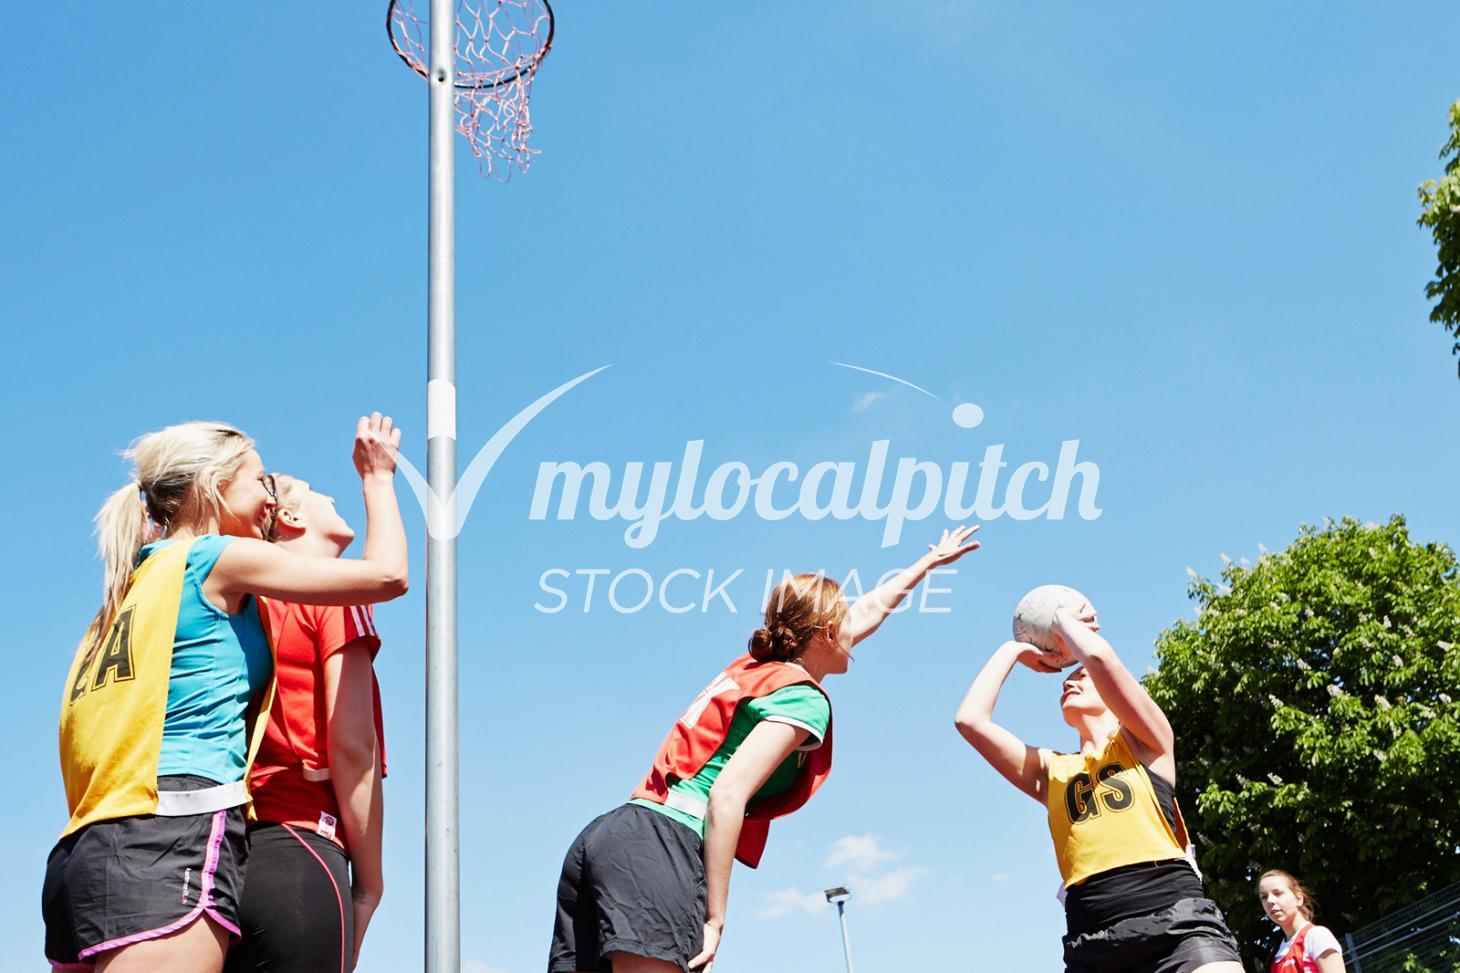 The Holy Cross School Indoor netball court